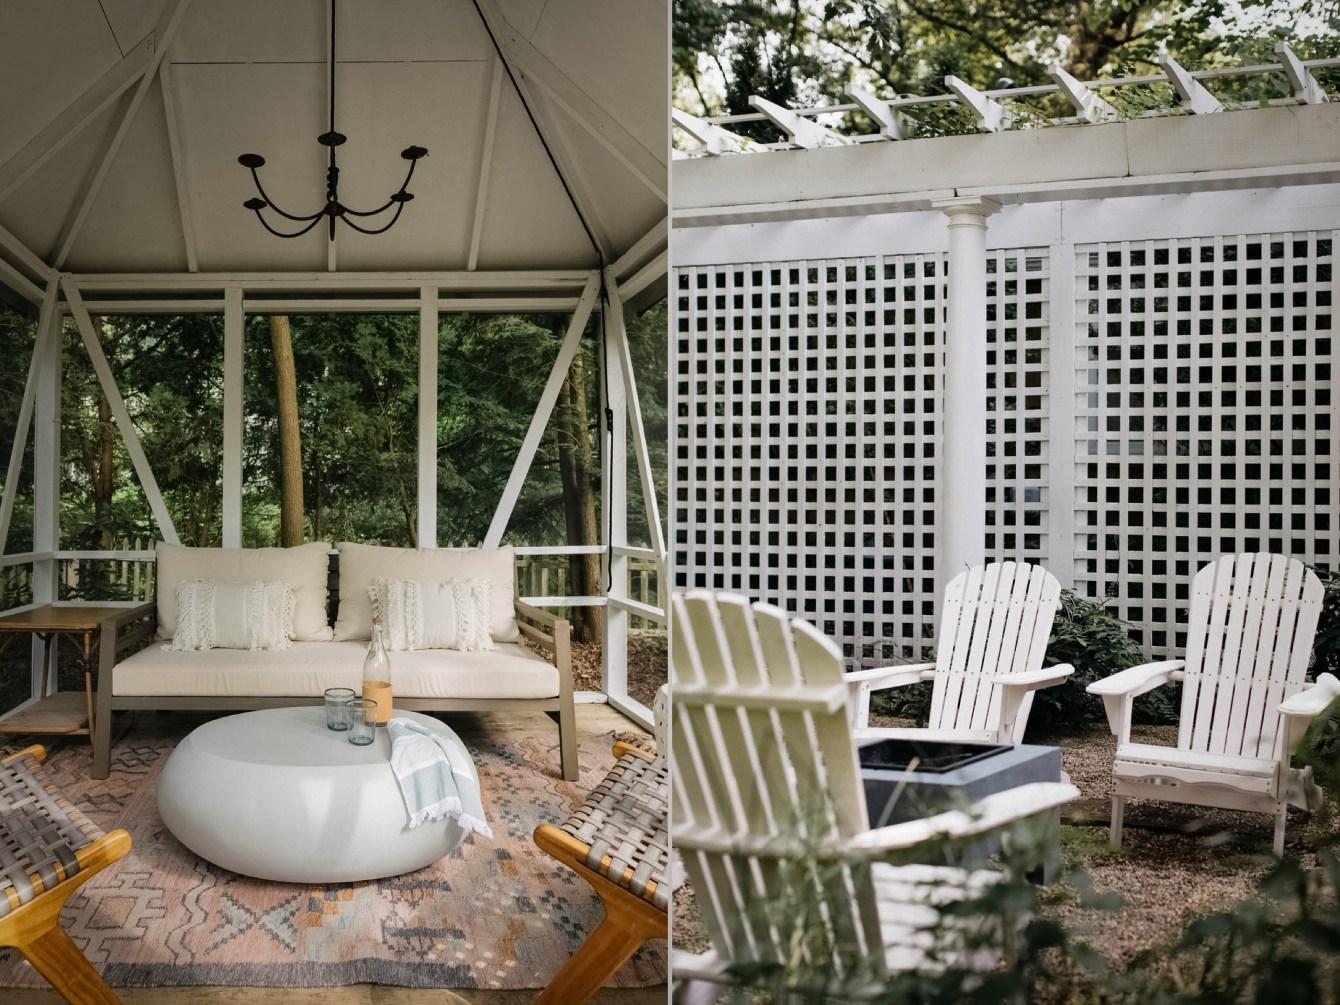 беседка патио садовая мебель